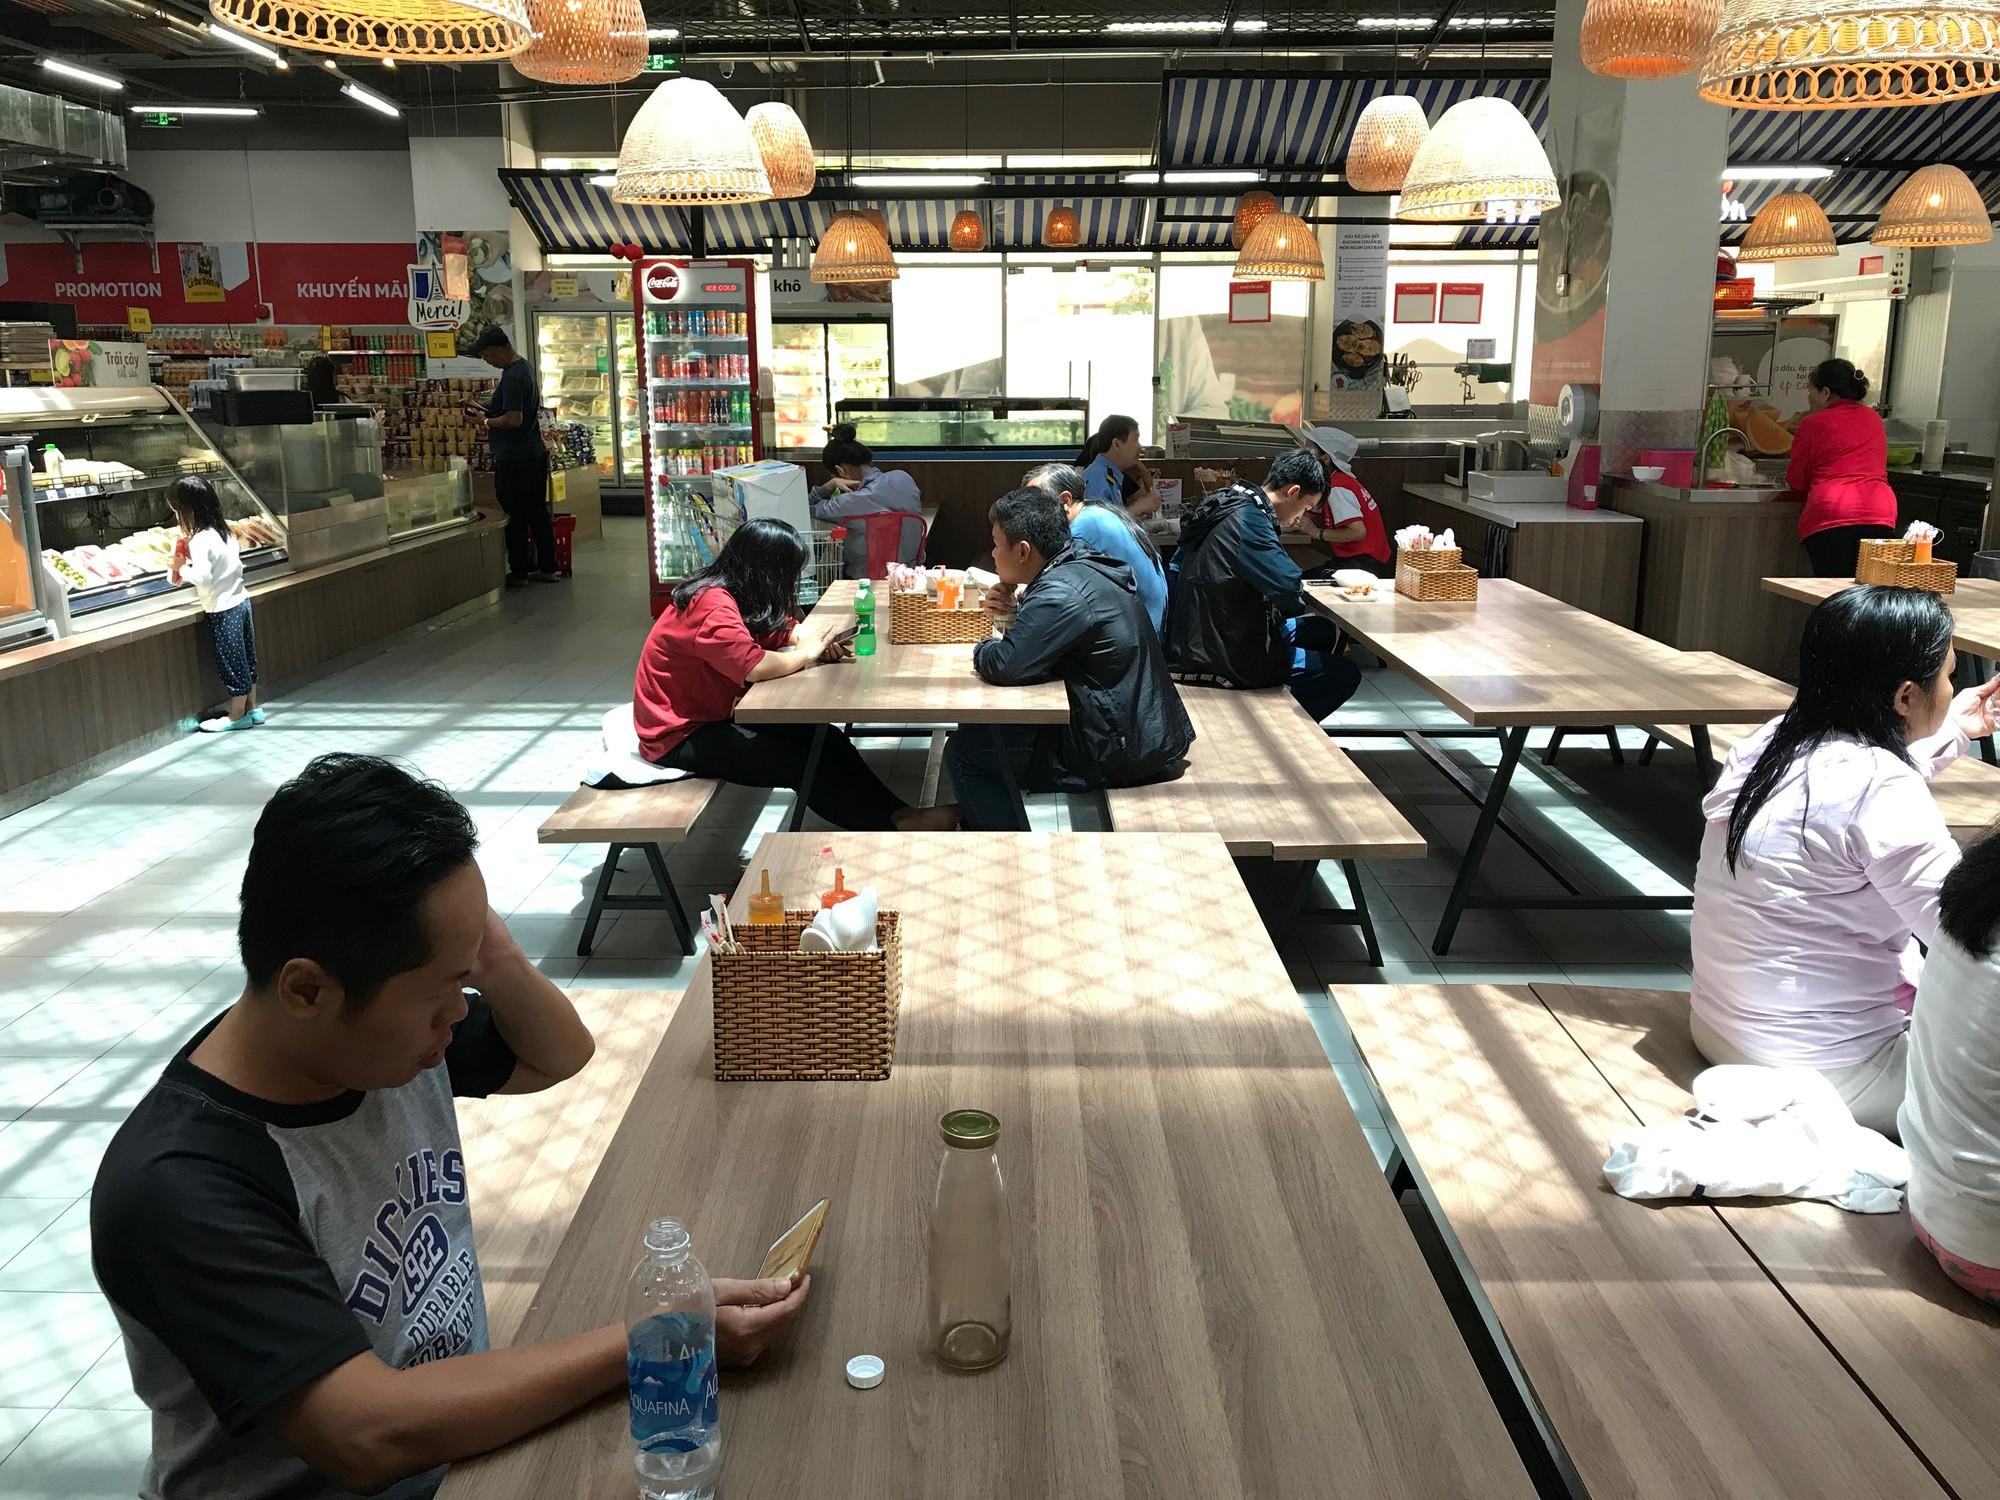 Siêu thị Auchan vắng vẻ sau tuyên bố rút khỏi Việt Nam, gấp rút xả hàng để đóng cửa đầu tháng 6 tới  - Ảnh 5.